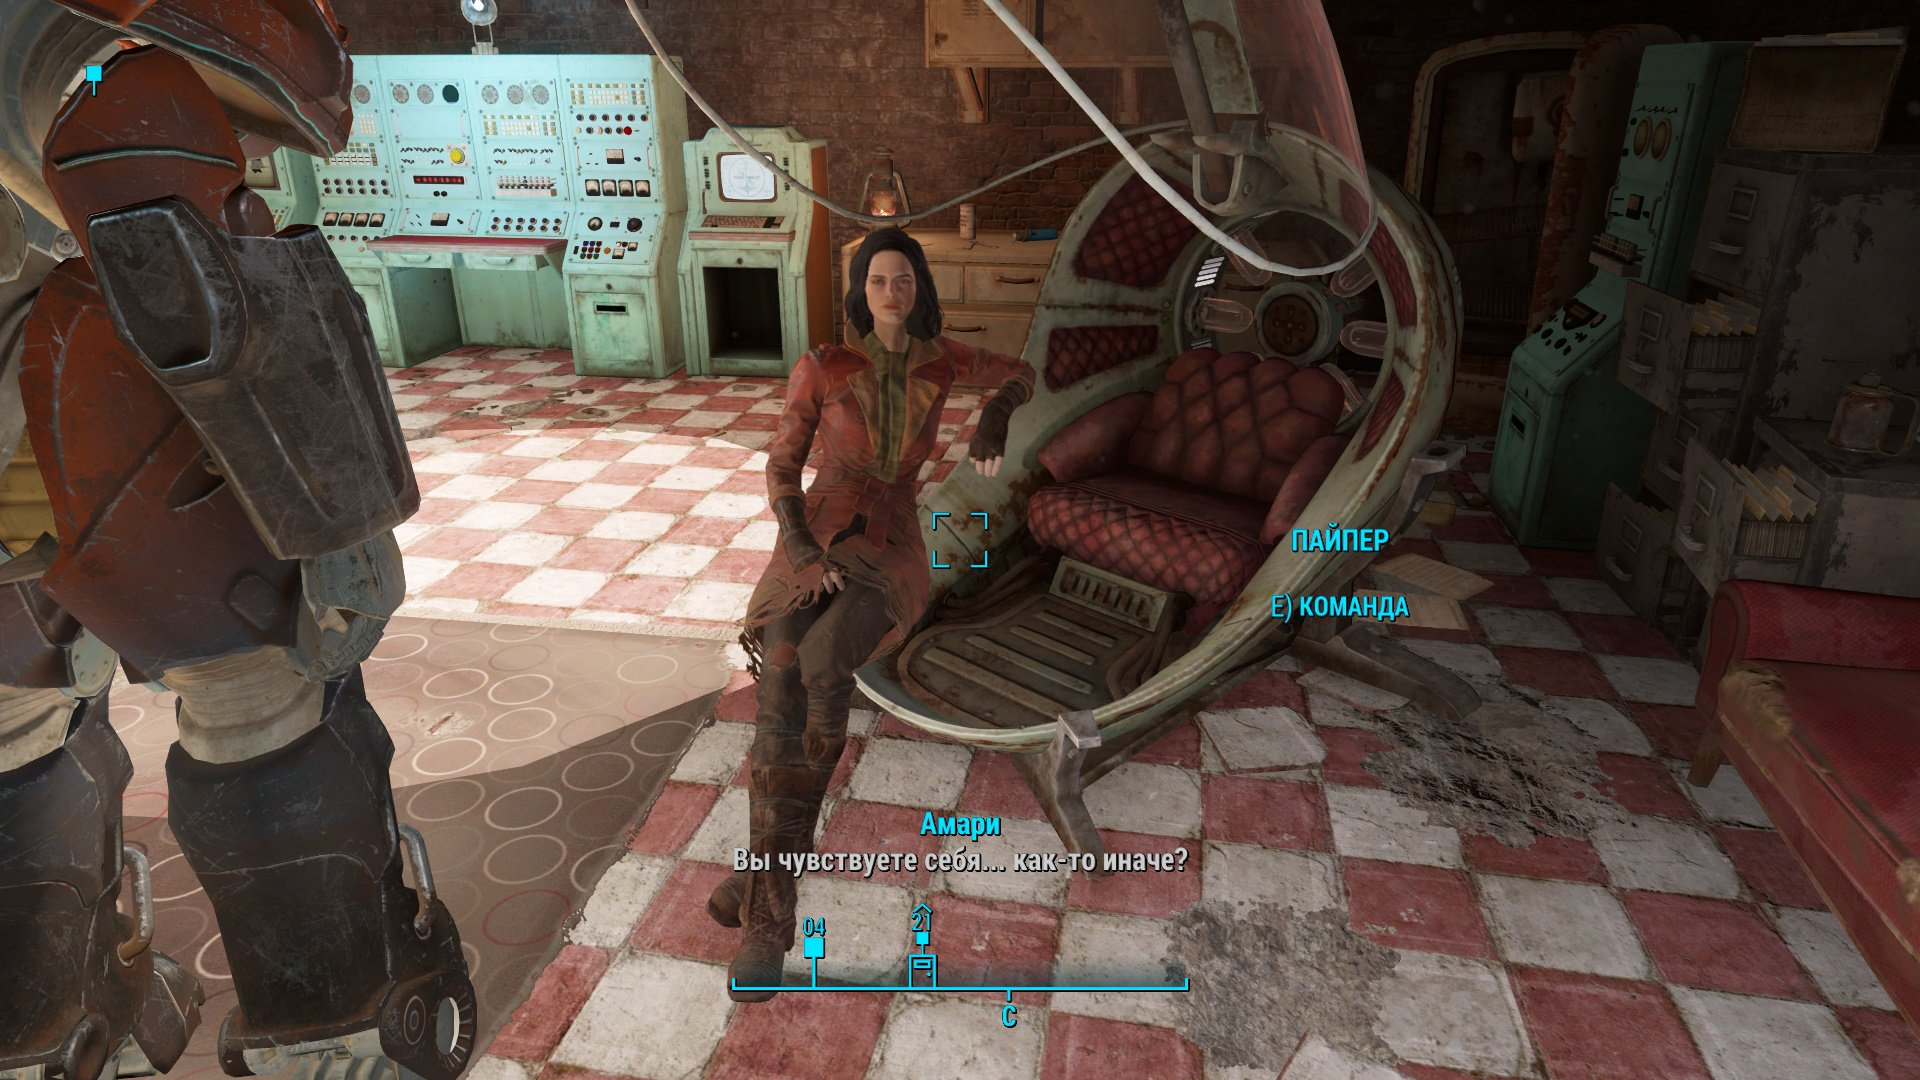 Сравнительный анализ (на самом деле нет) Fallout New Vegas vs. Fallout 4 (часть 2) - Изображение 6